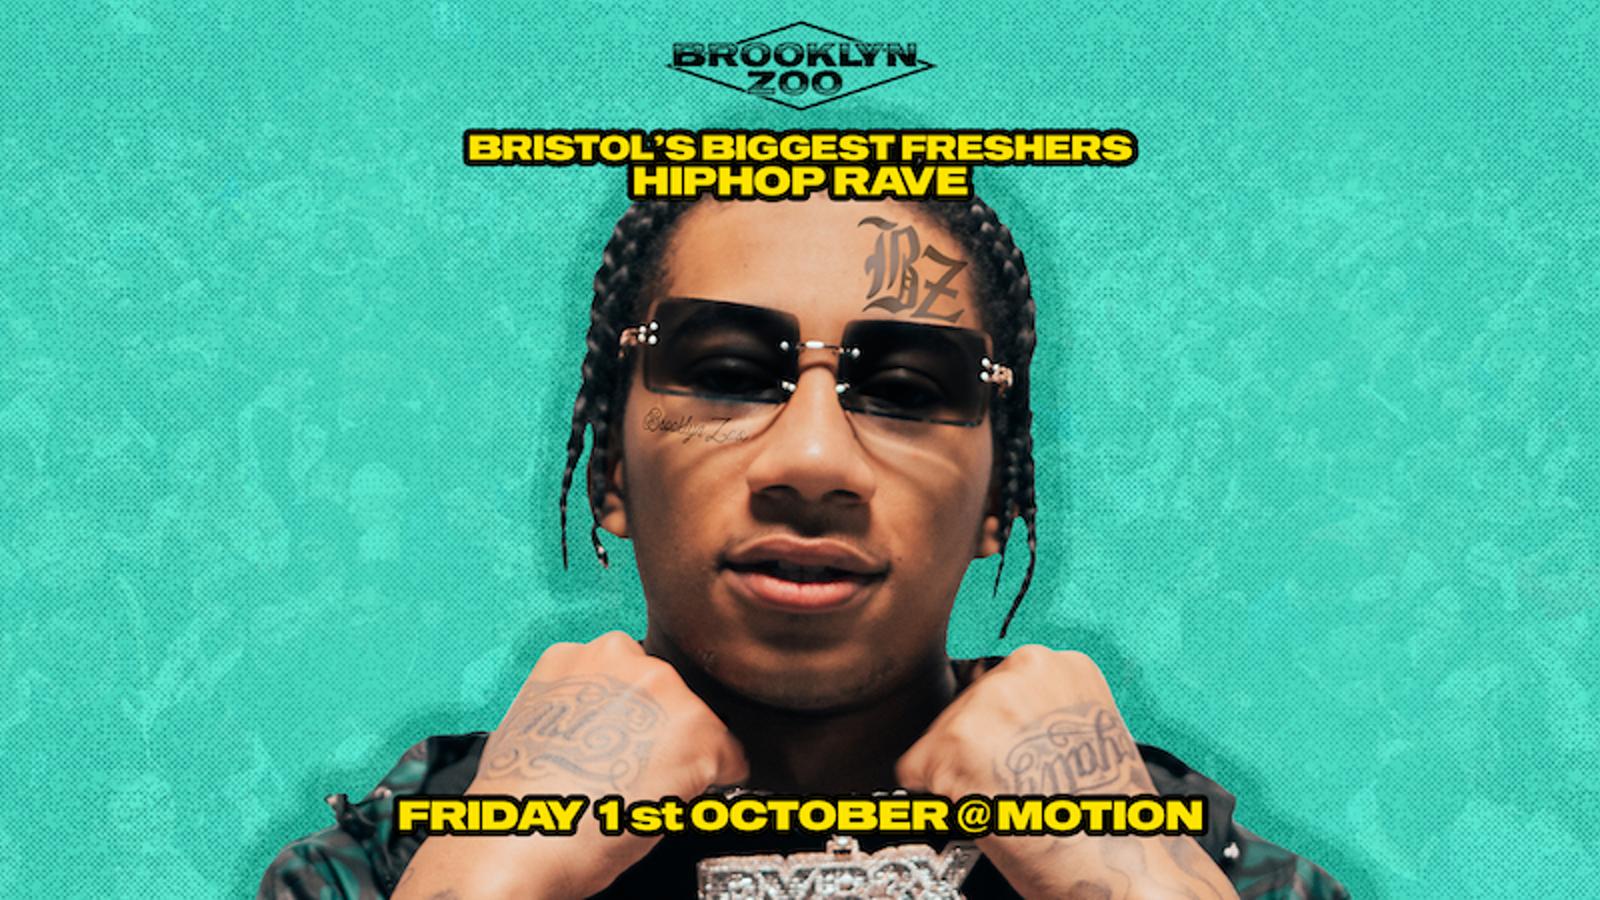 Brooklyn Zoo: Freshers HipHop Rave